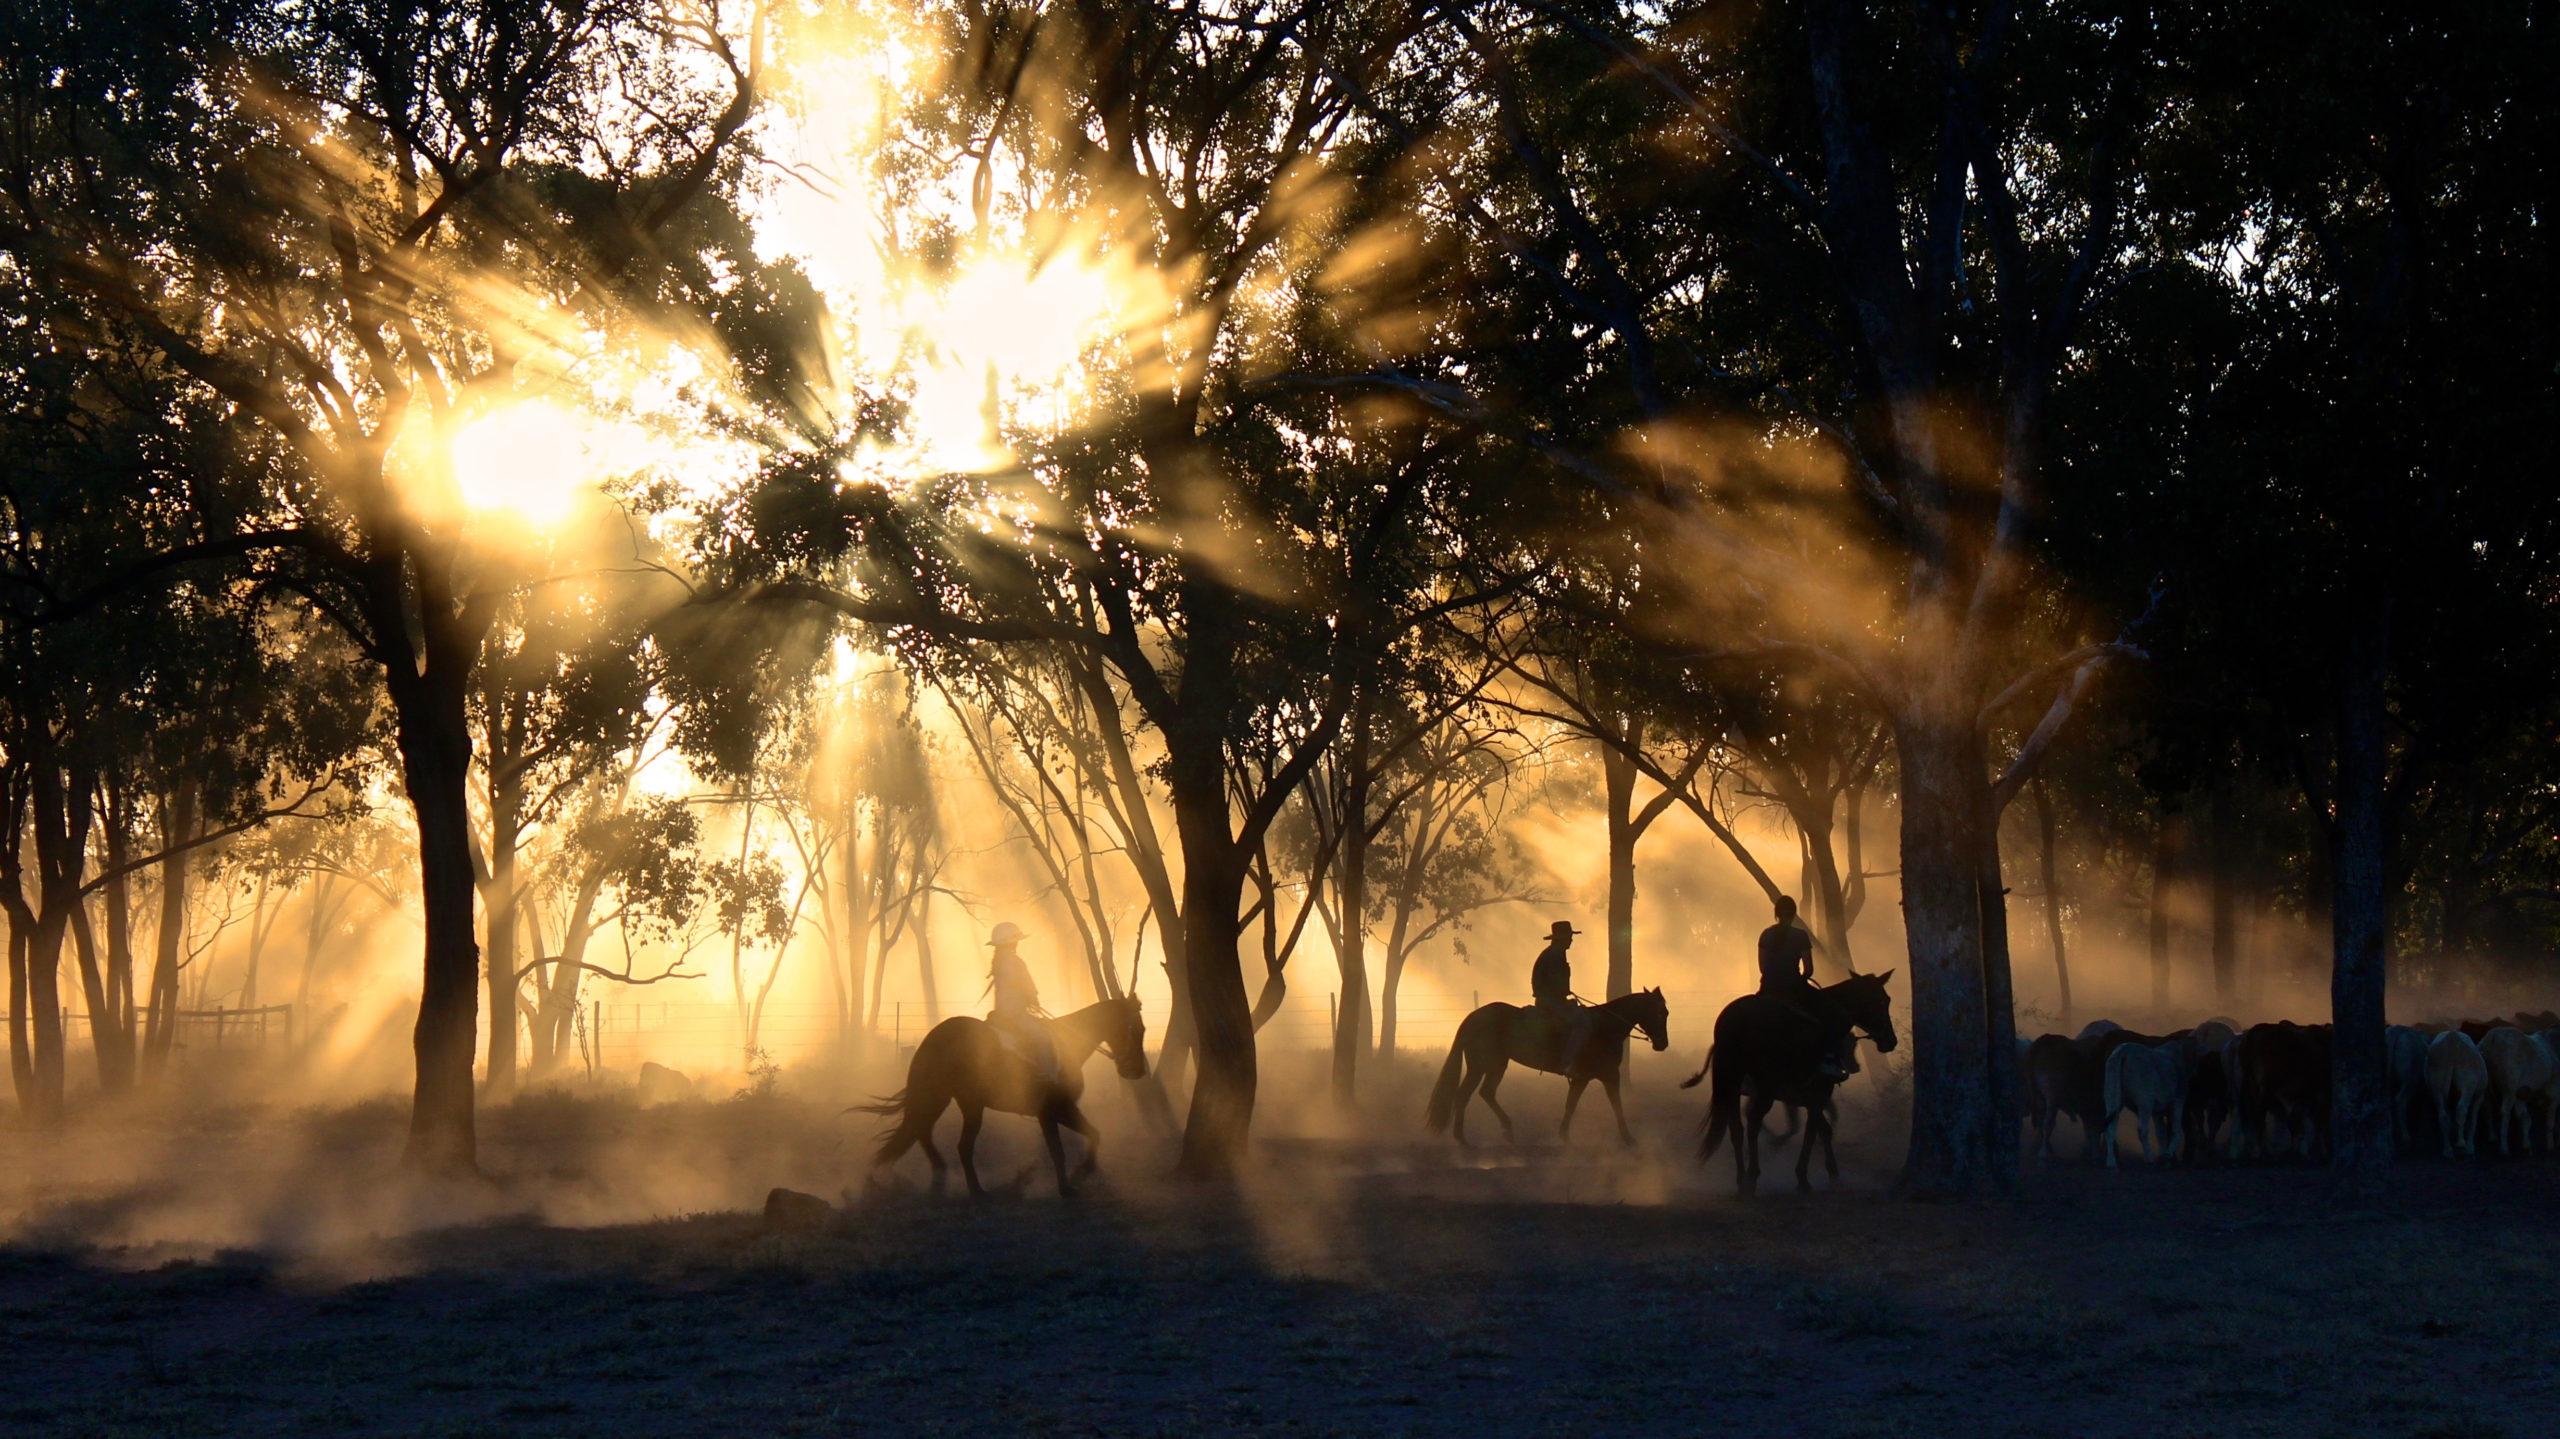 Ängelholms Terrängryttare - Upplev fantastisk natur från hästryggen på anlagda ridslingor